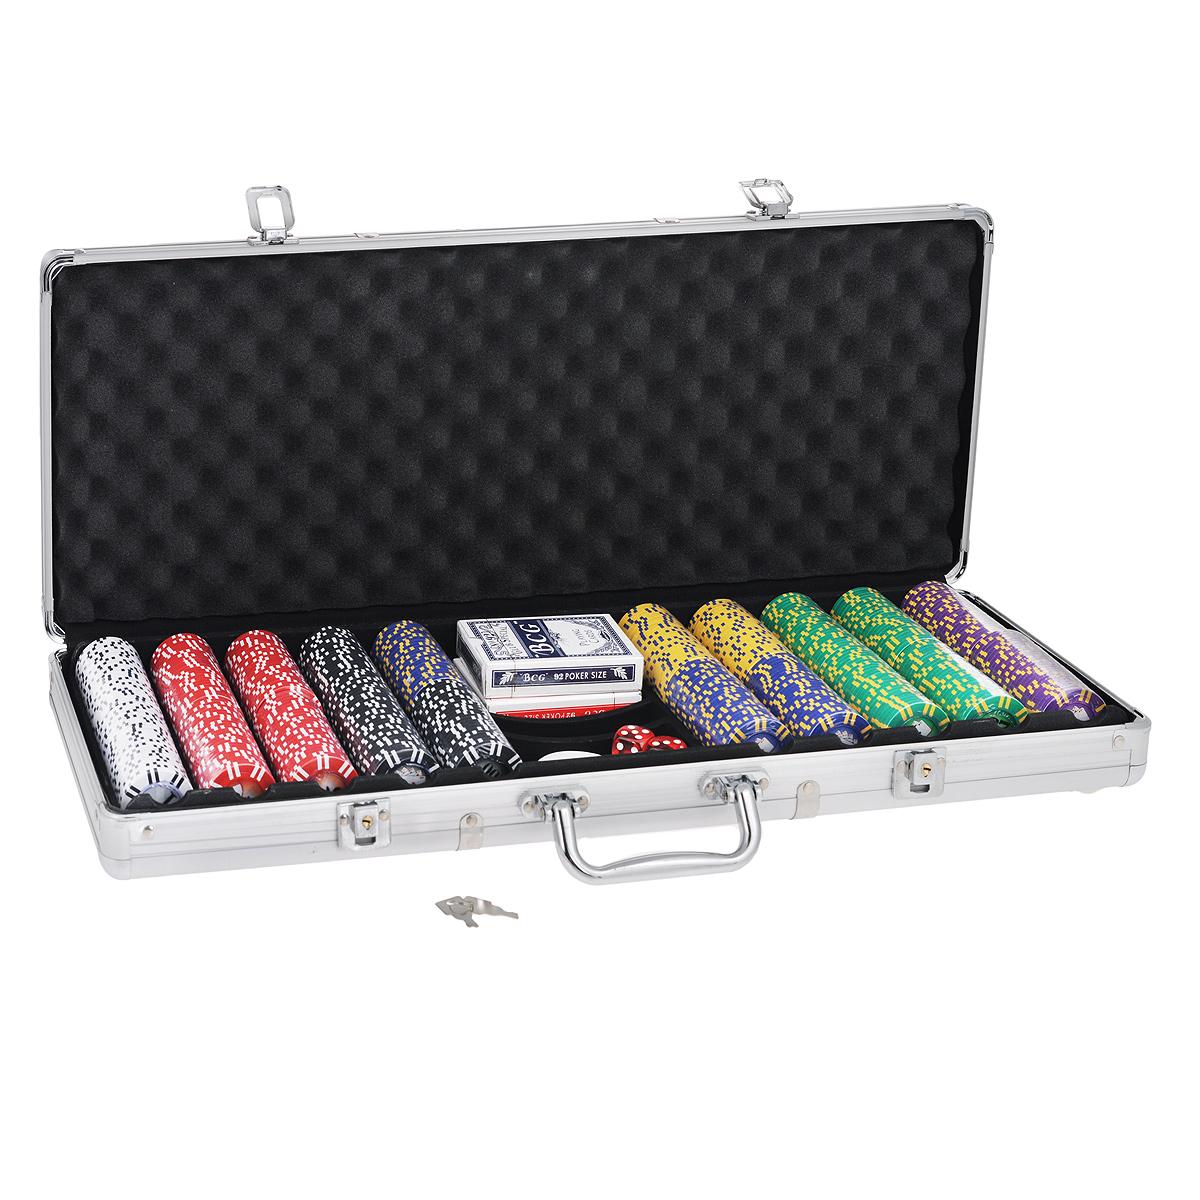 Набор для покера Компания Игра Дипломат для покера Роял Флеш (2х54л.(карты Китай)+5 игр.кост.+500 ф. по 9г с номин.+ф.дилера) ГД4/500к серебристый снять защиту с флеш карты